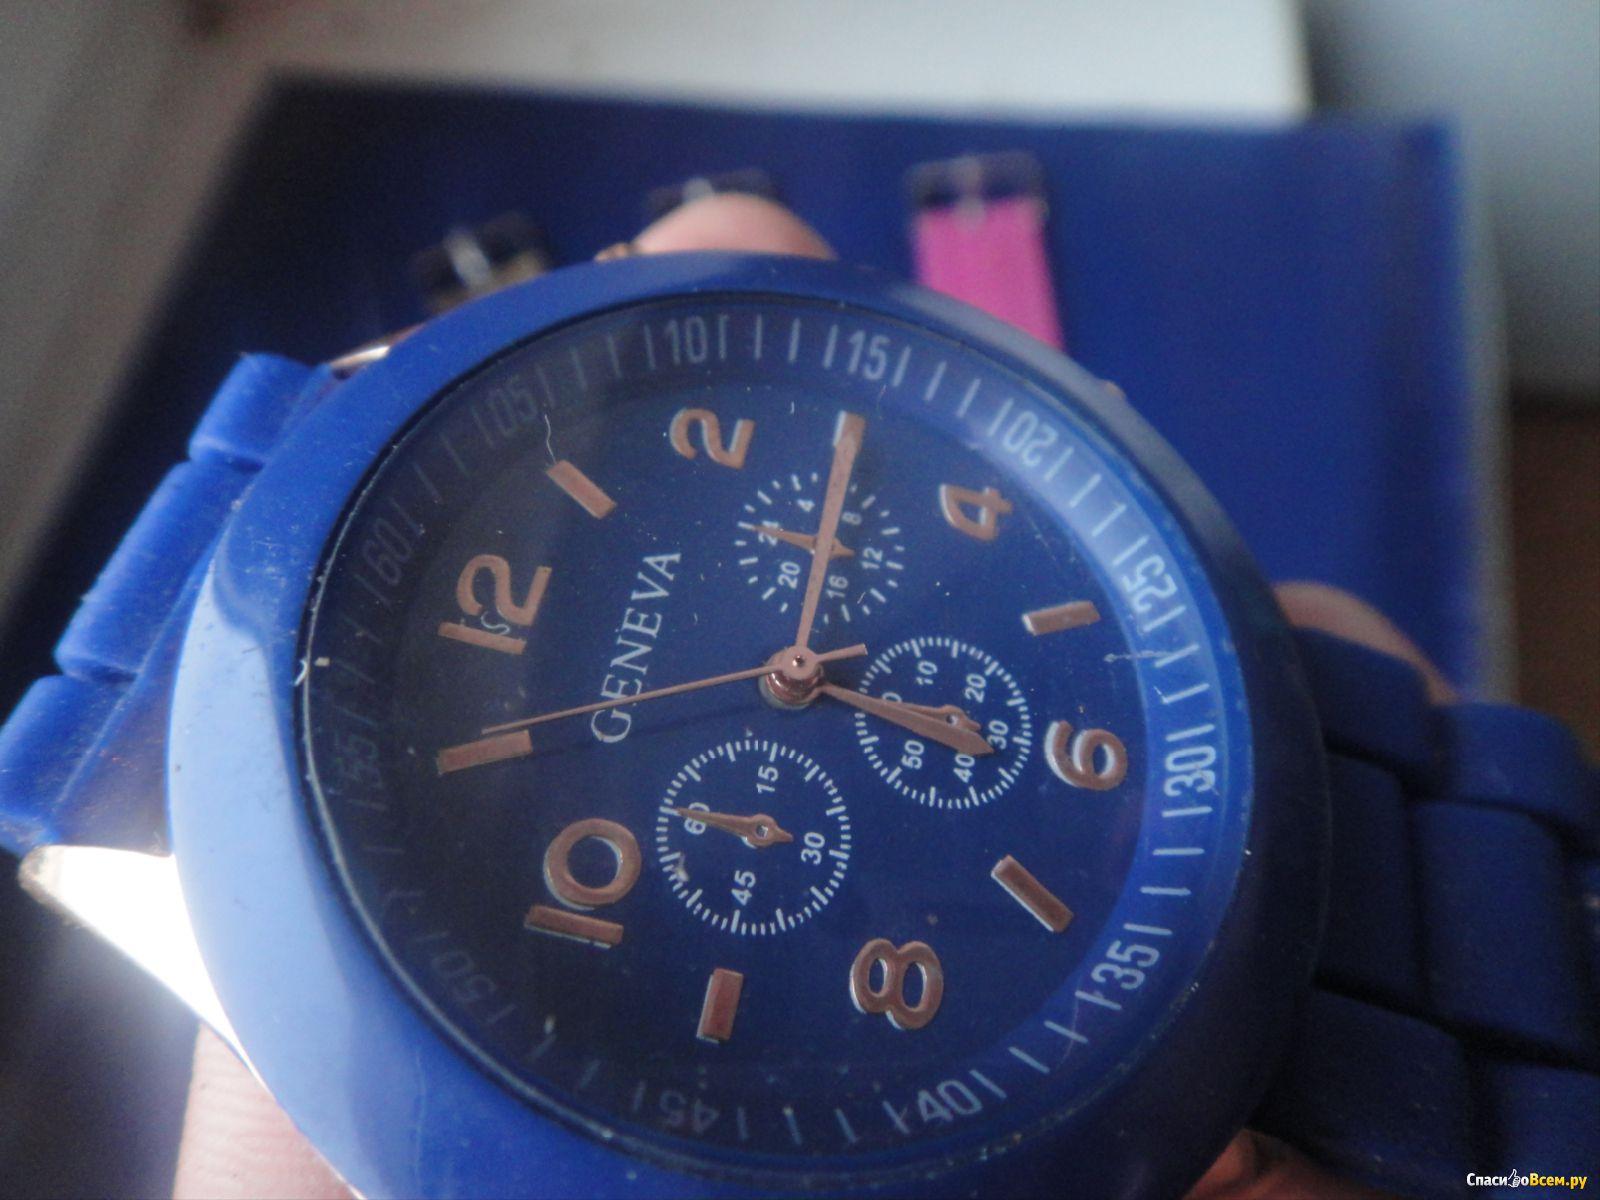 Часы Rolex Daytona, купить копии часов Rolex Daytona